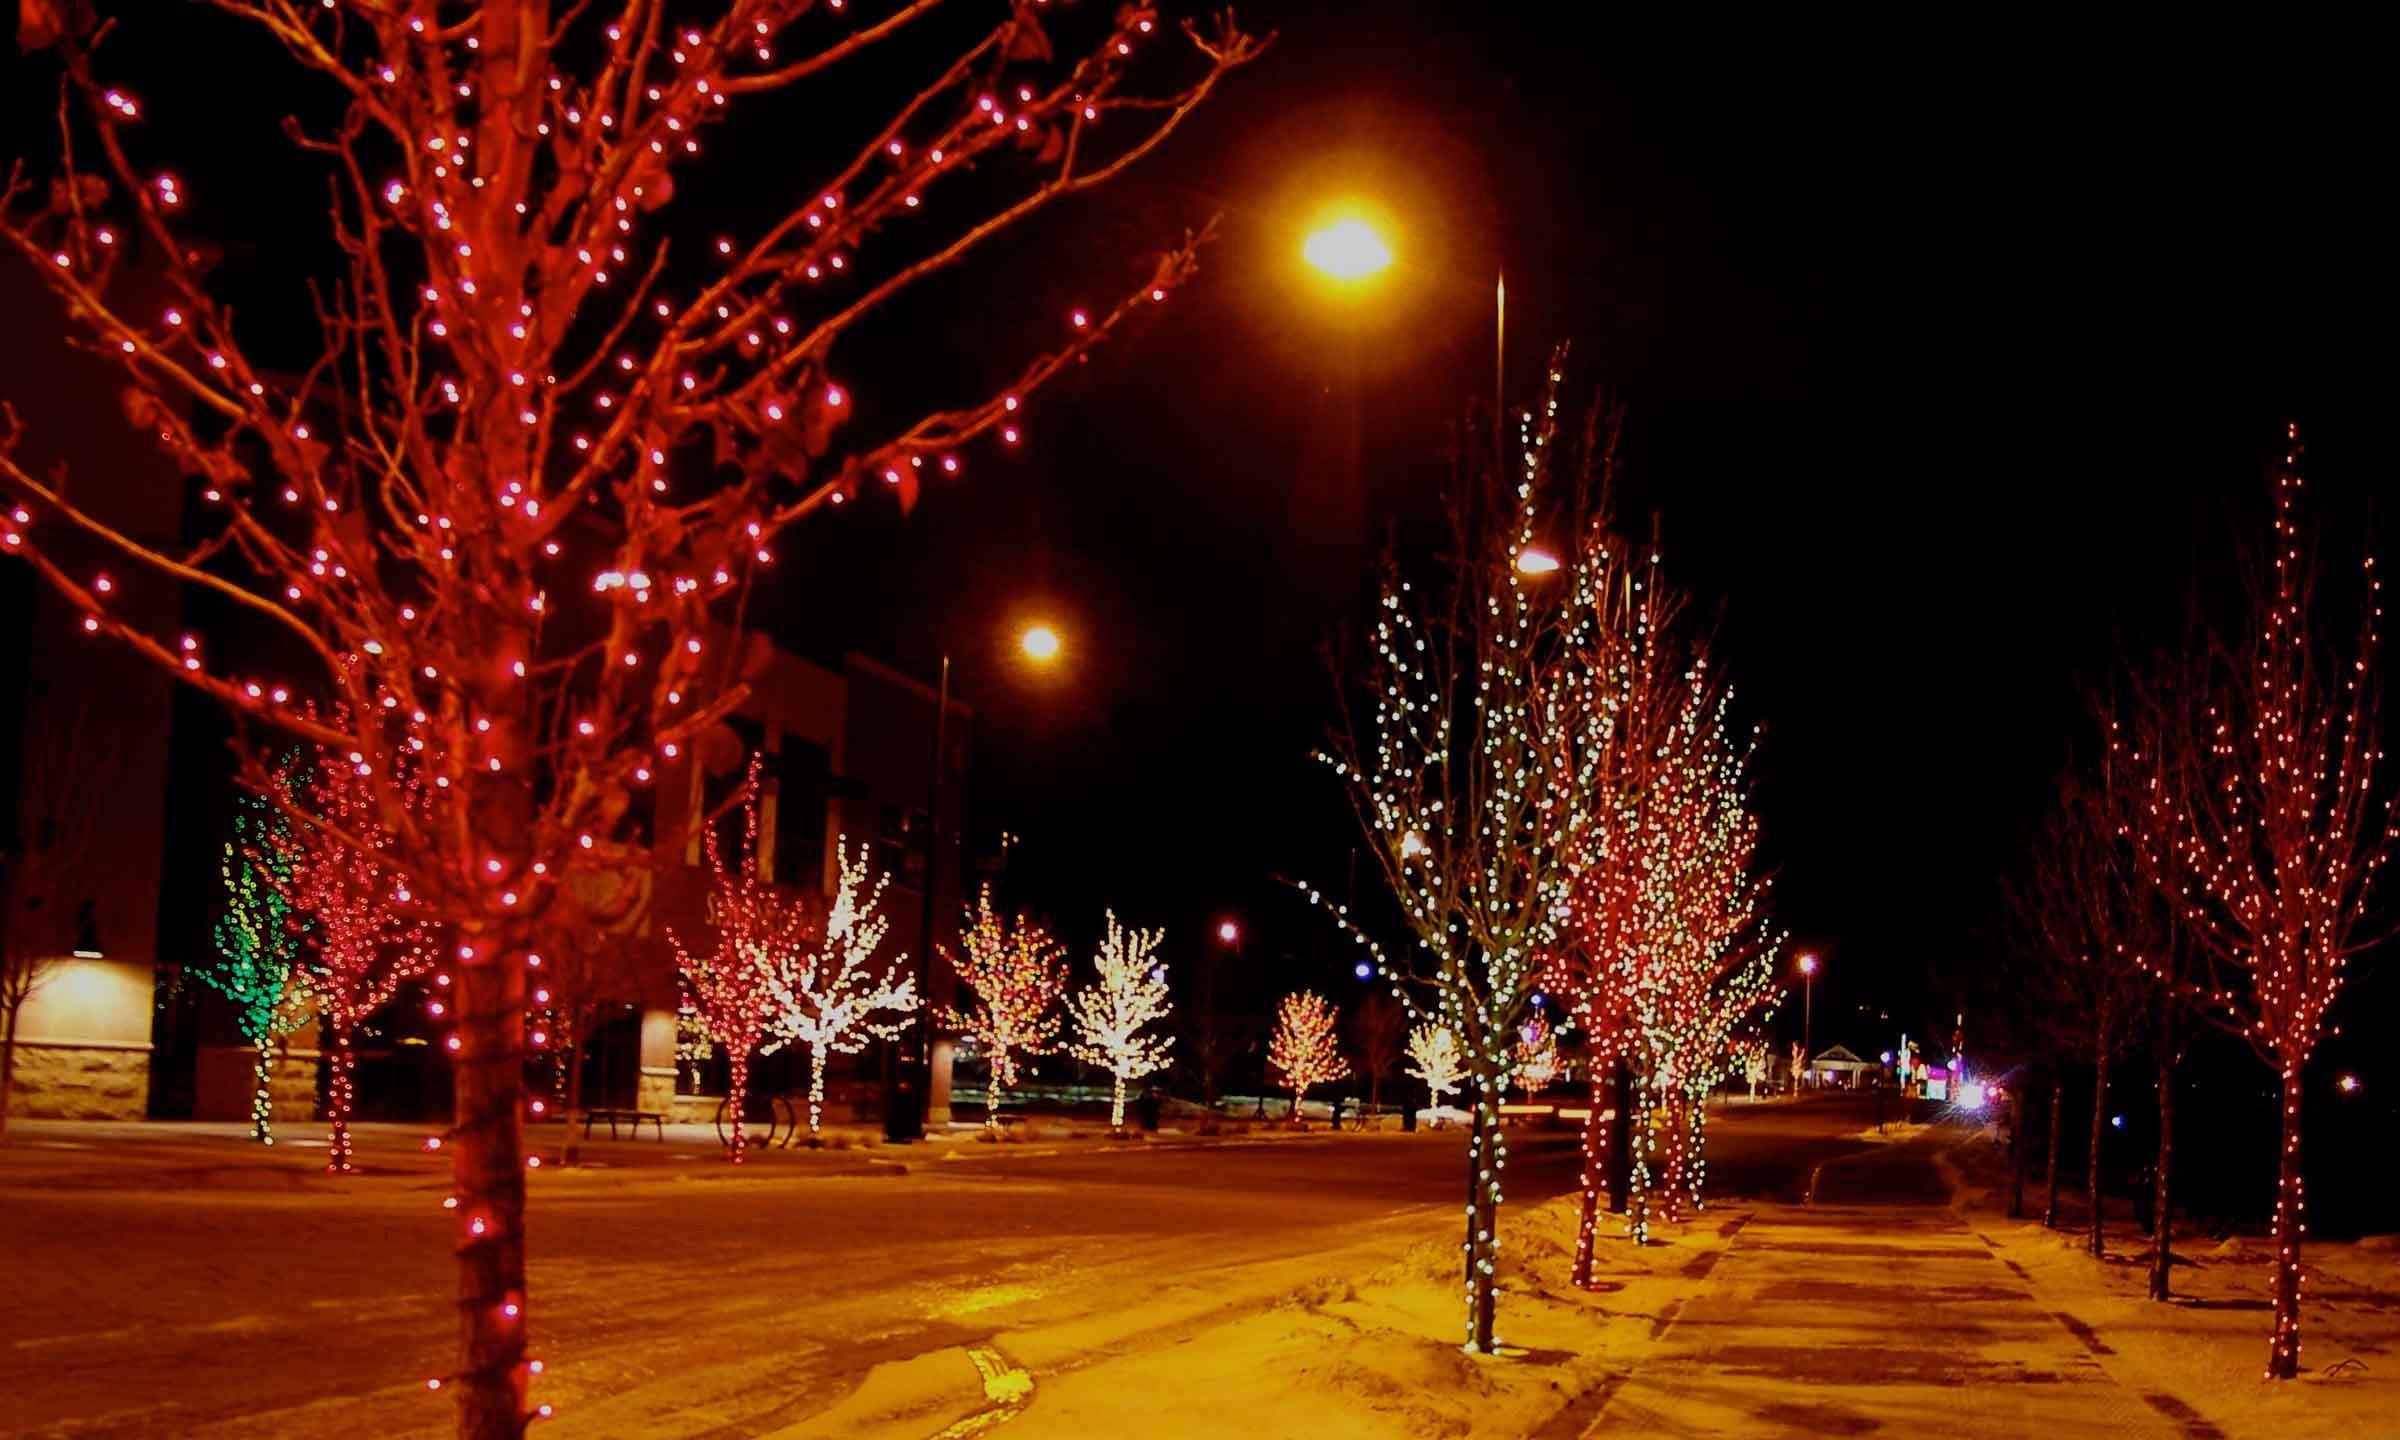 Christmas and holiday lighting Idaho Falls, ID